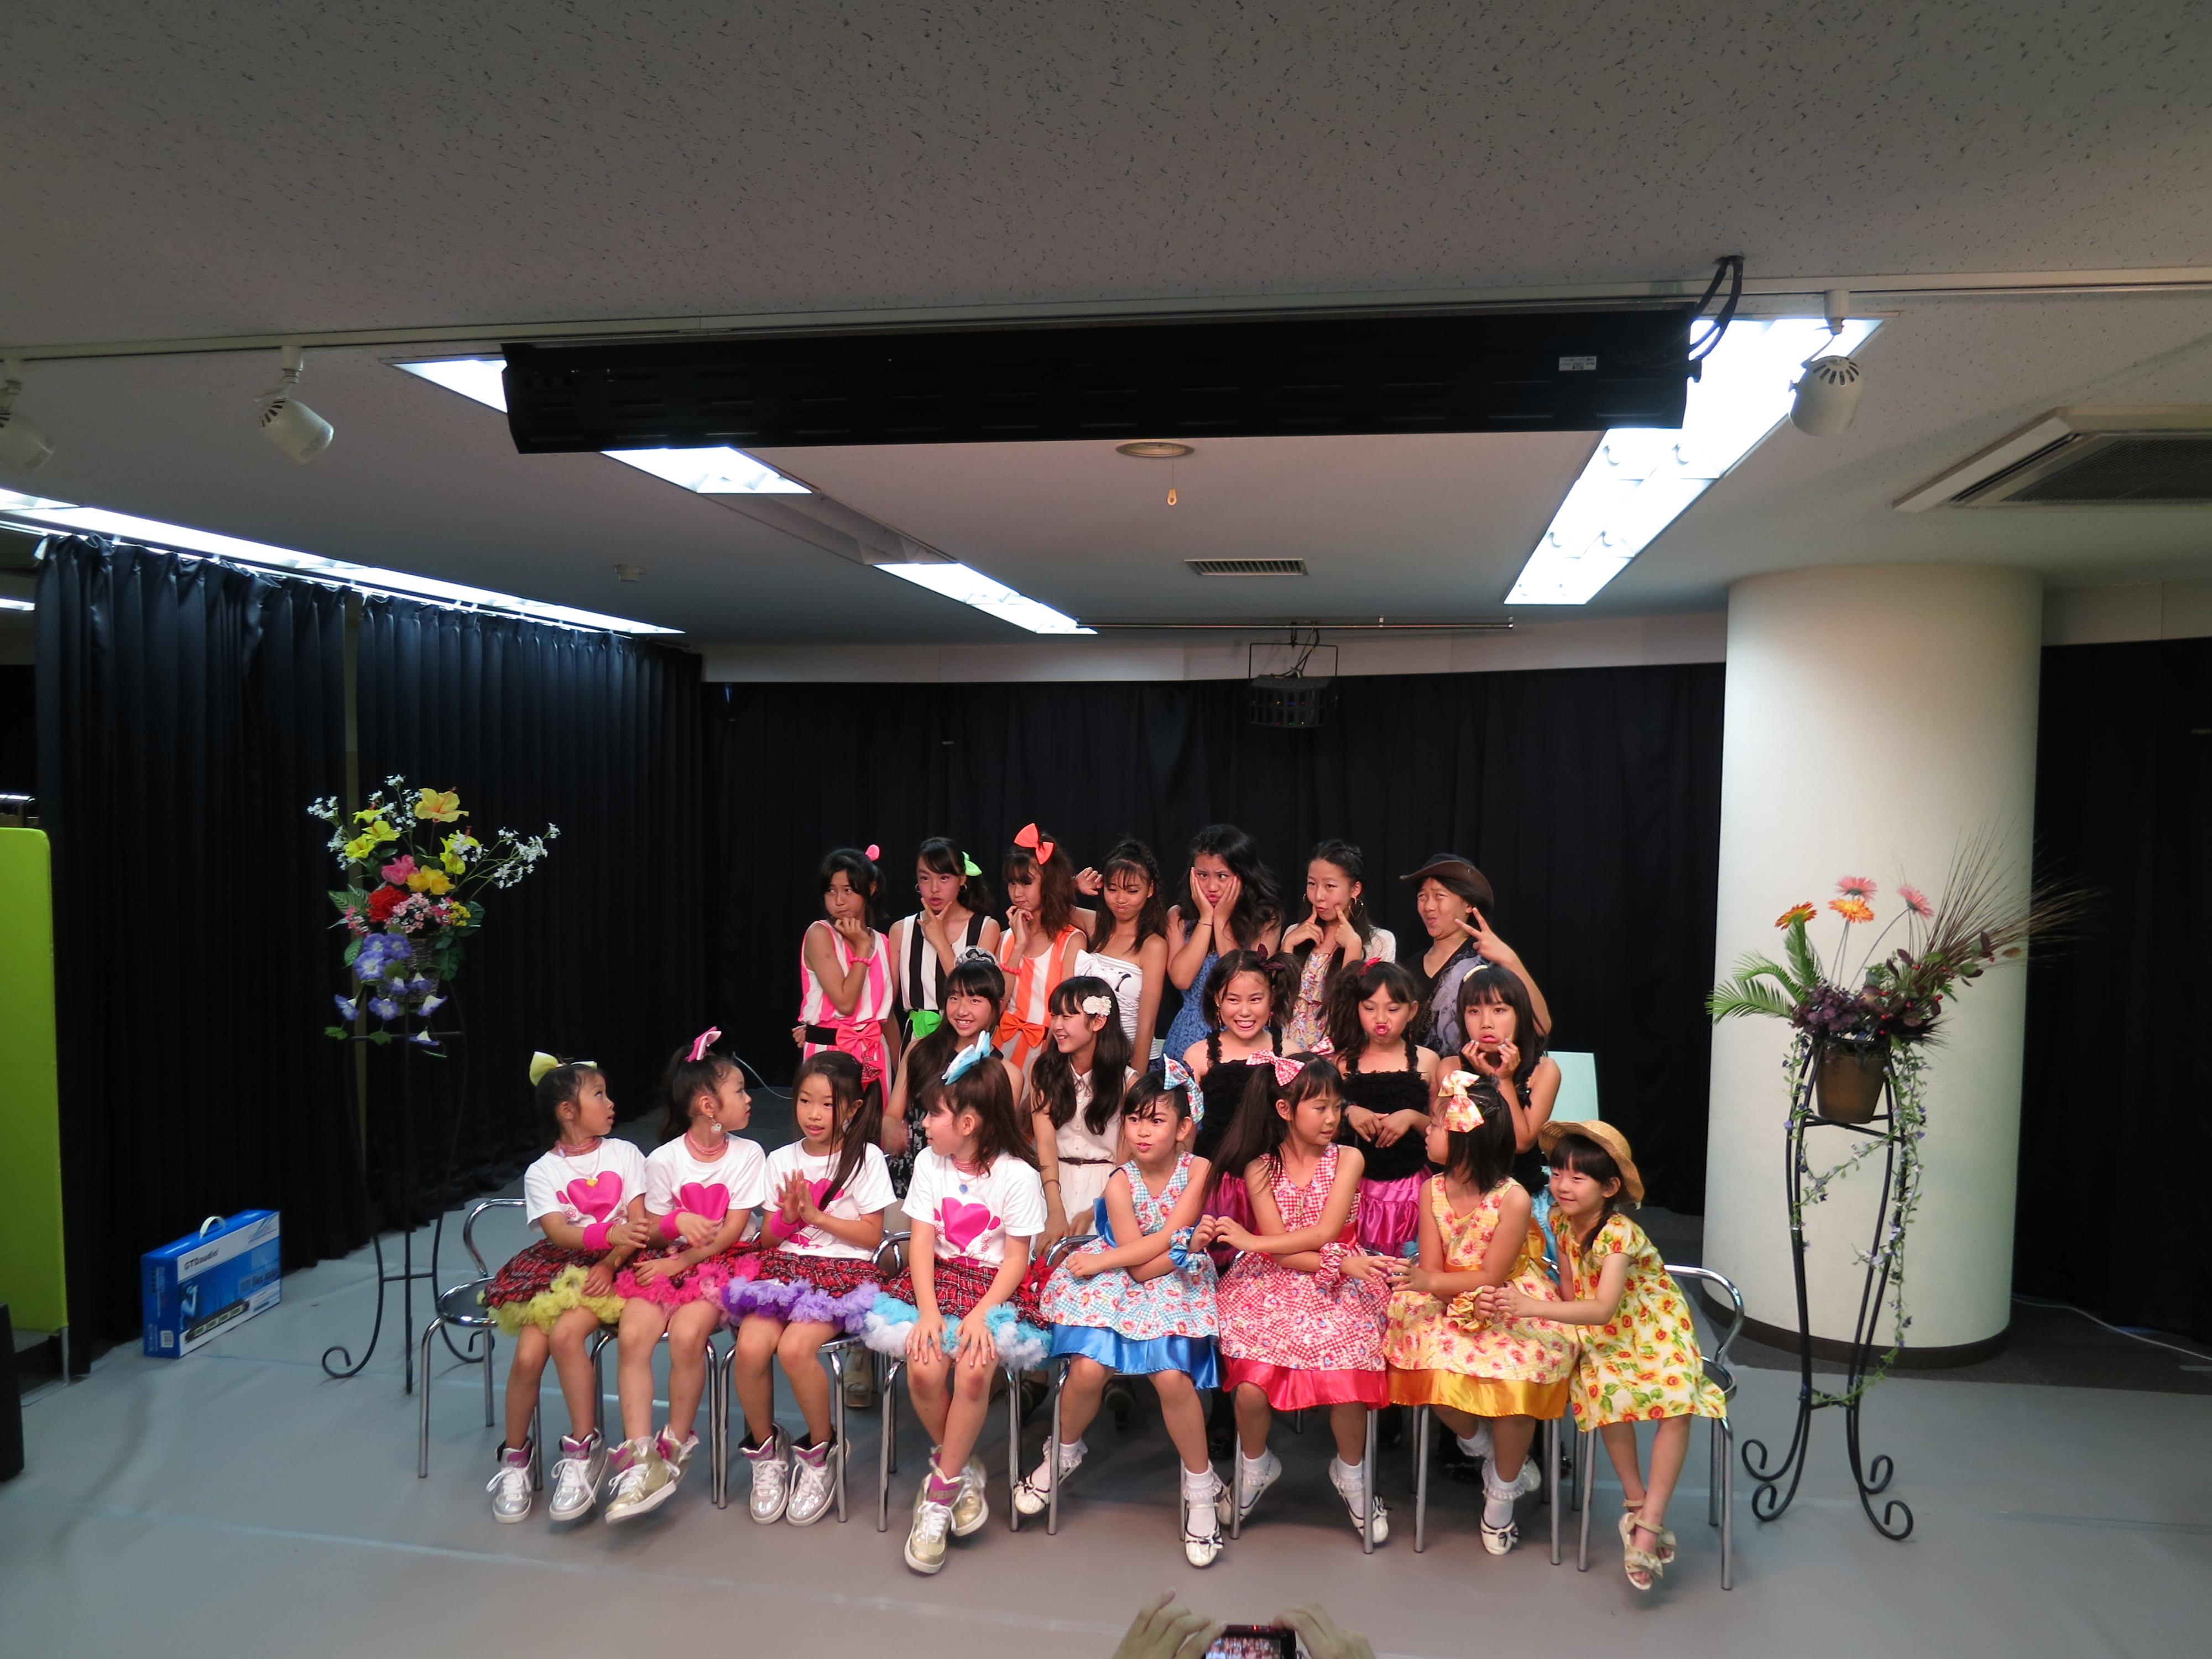 ダンス教室の発表会ができイベントる会場